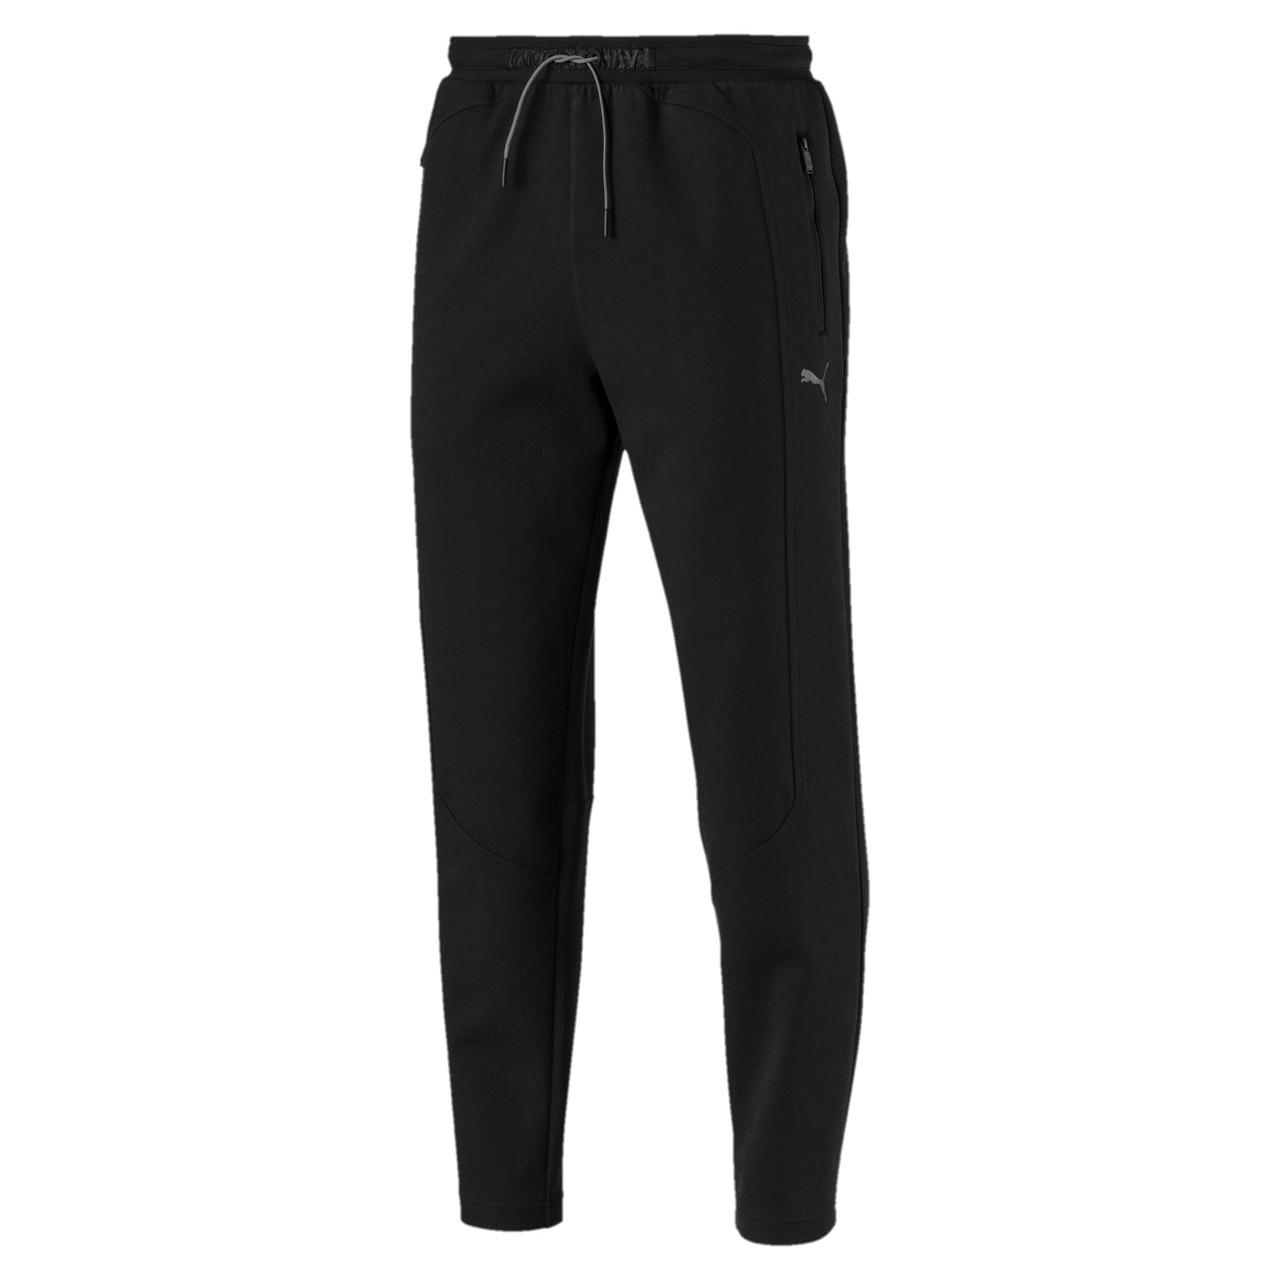 Мужские спортивные брюки Ferrari OC Men's Sweat